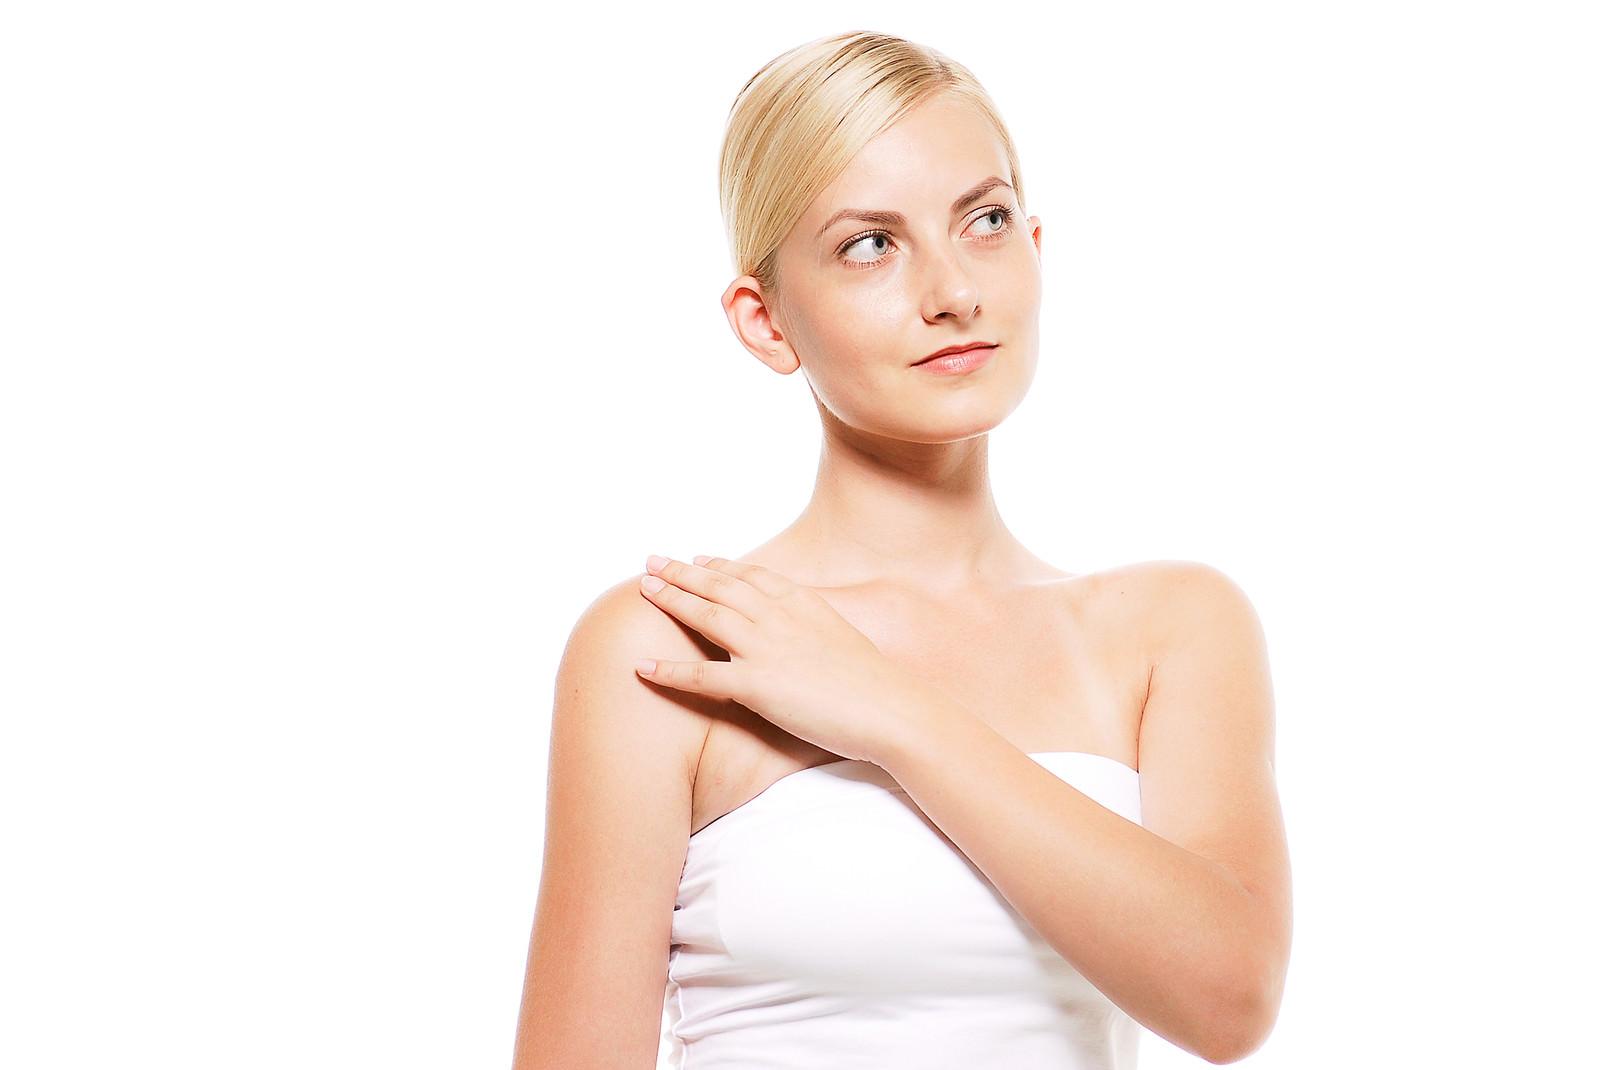 「右肩の張りを確認している外国人の女性」の写真[モデル:モデルファクトリー]